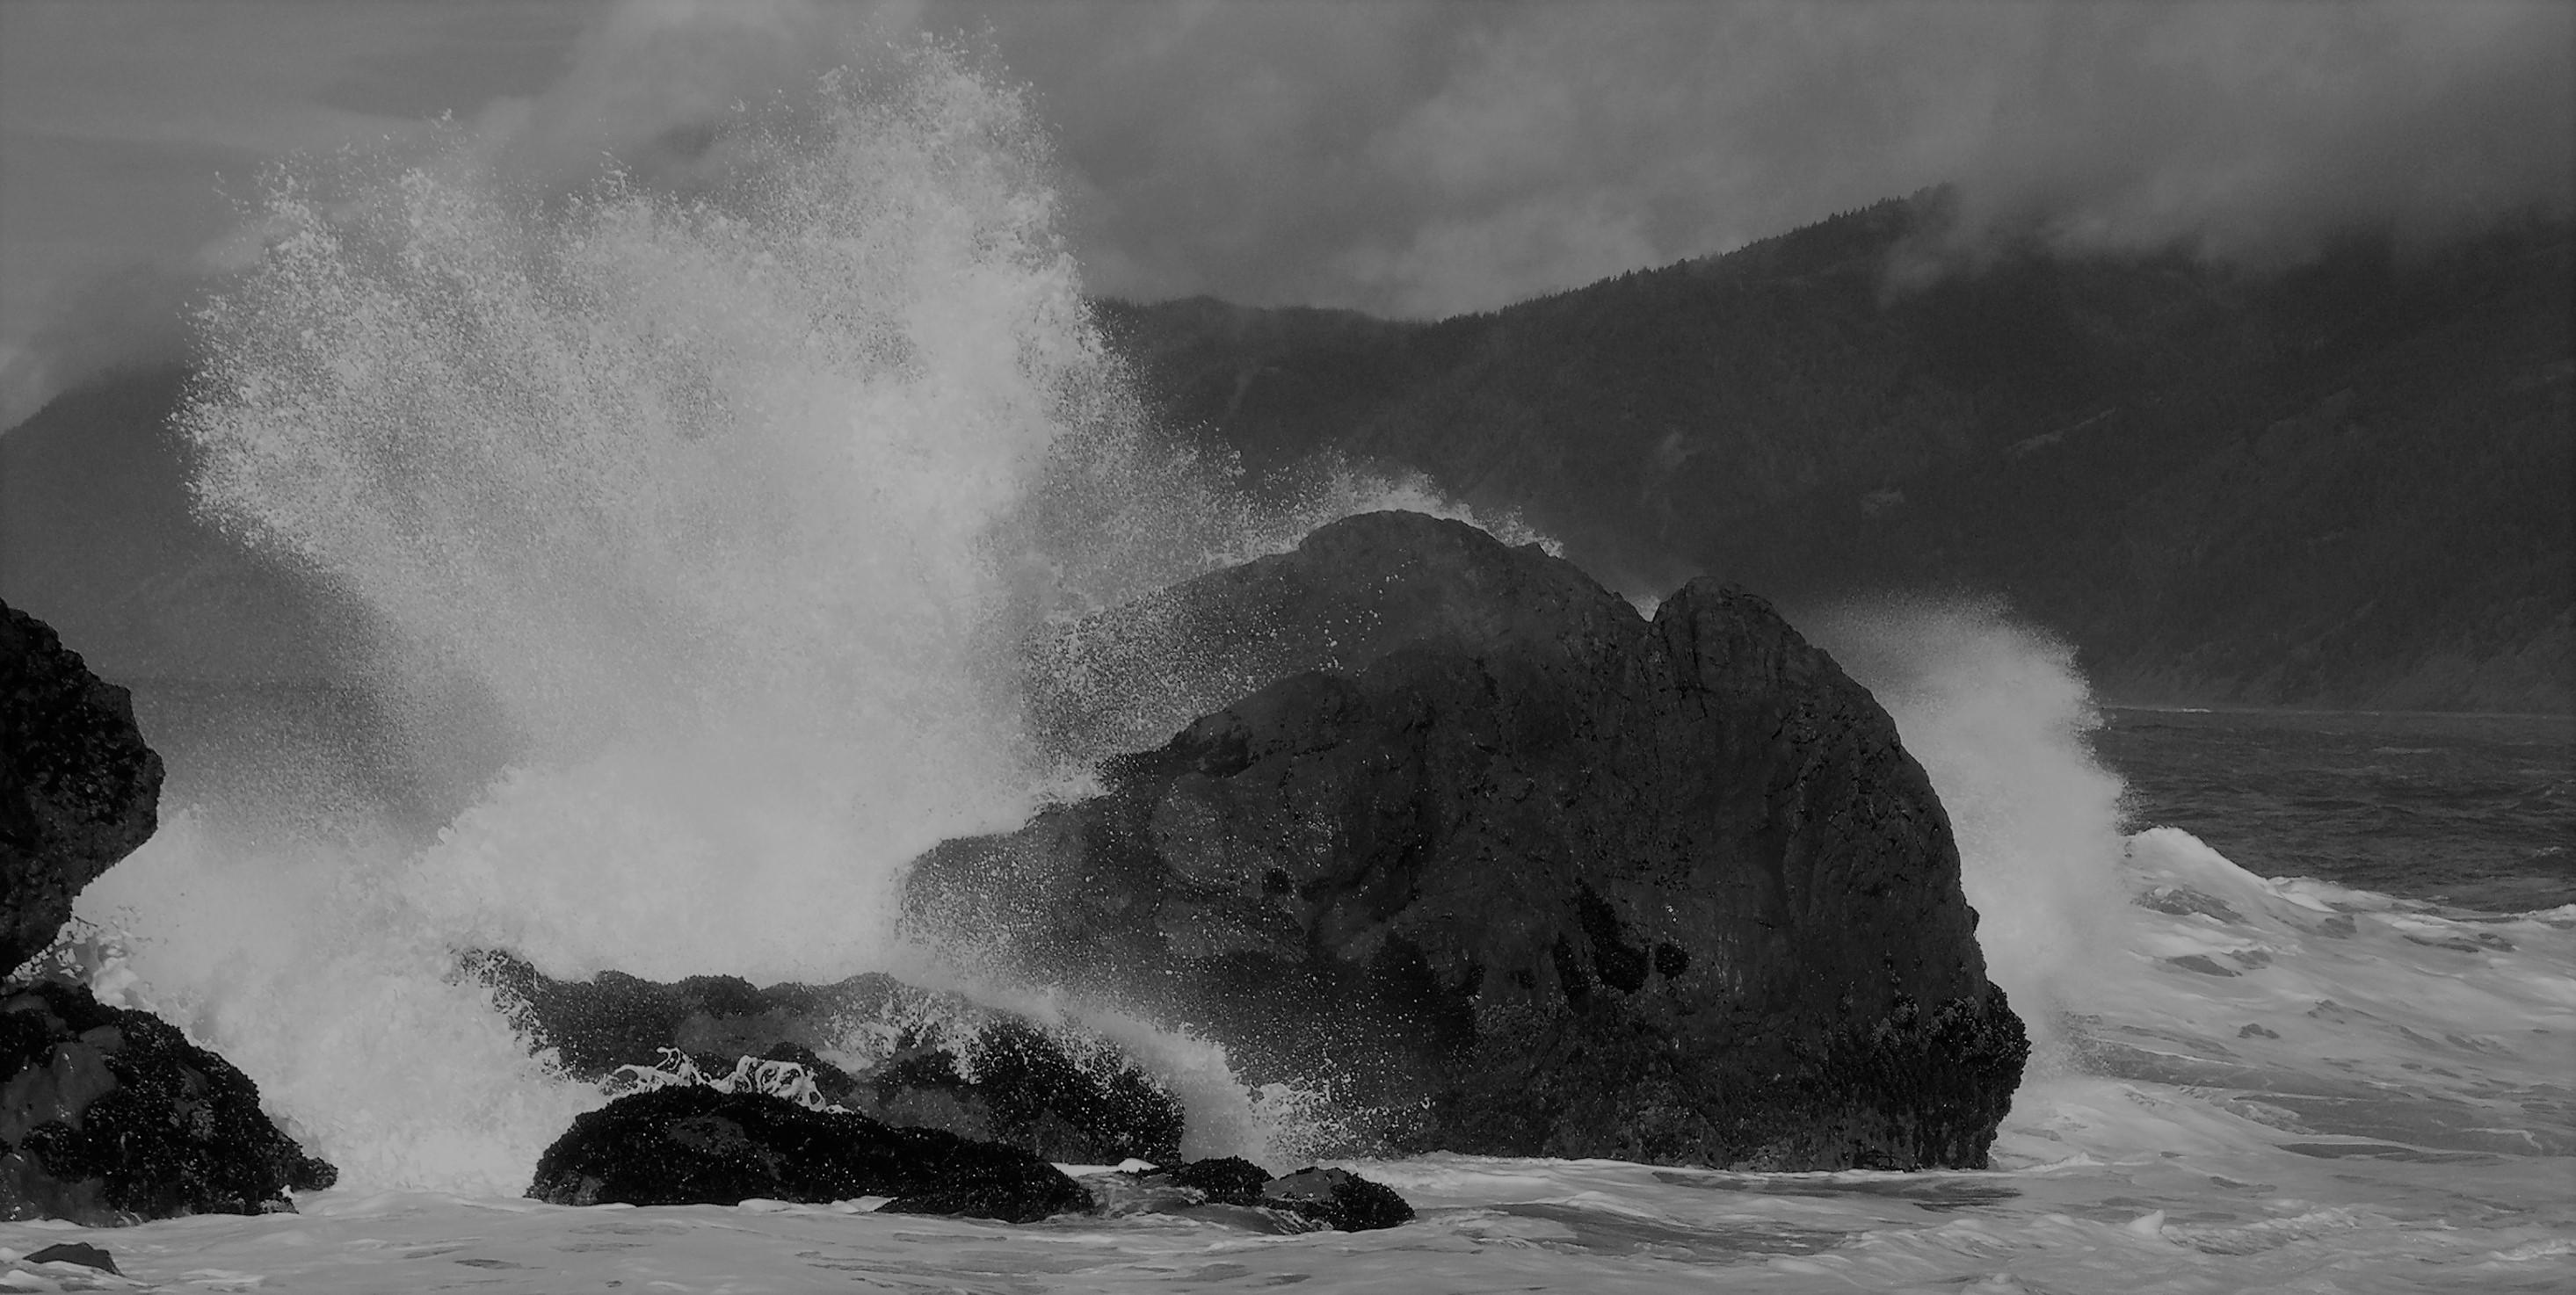 waves-crashing-between-rocks-6